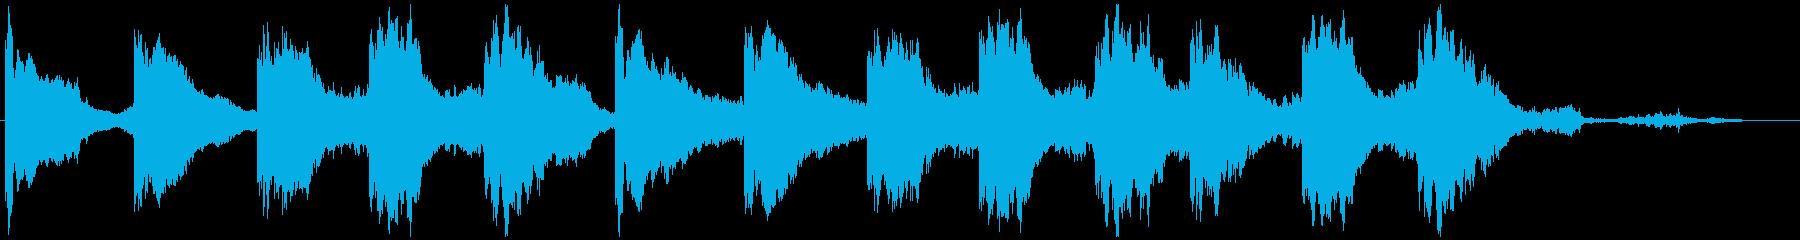 ホラーノベルゲーム等の静かな怖いBGMの再生済みの波形